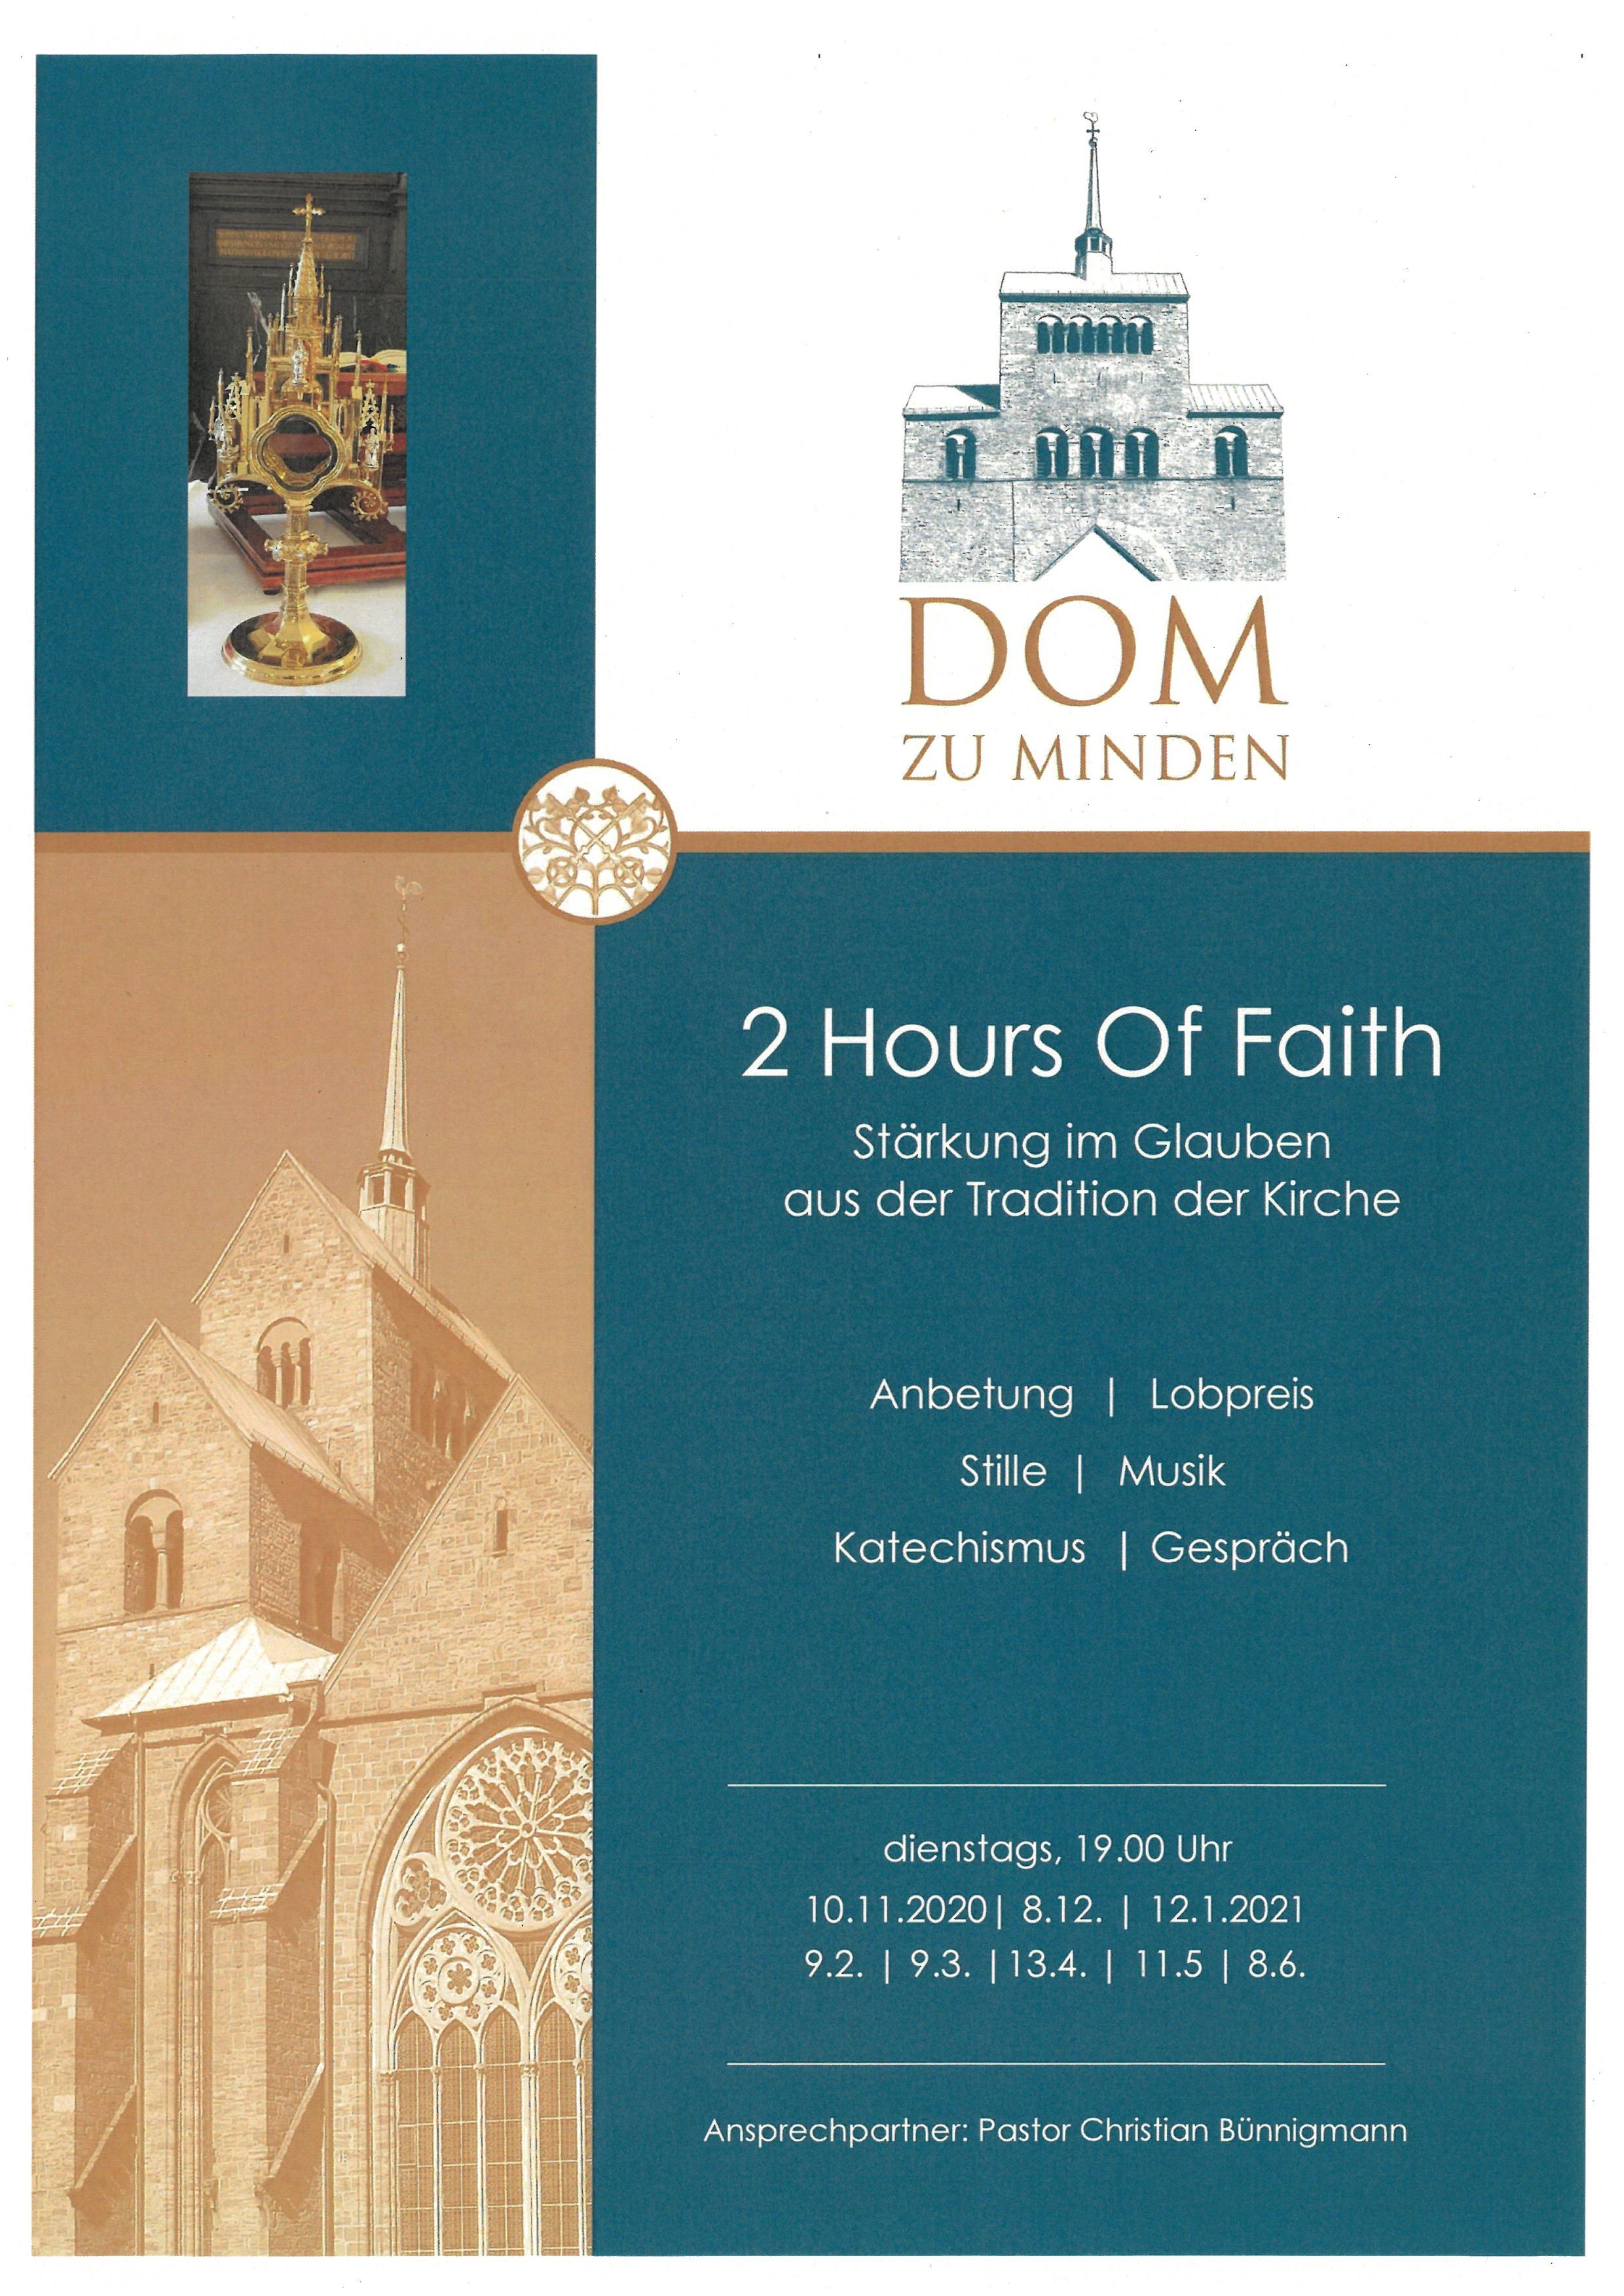 2 Hours of Faith